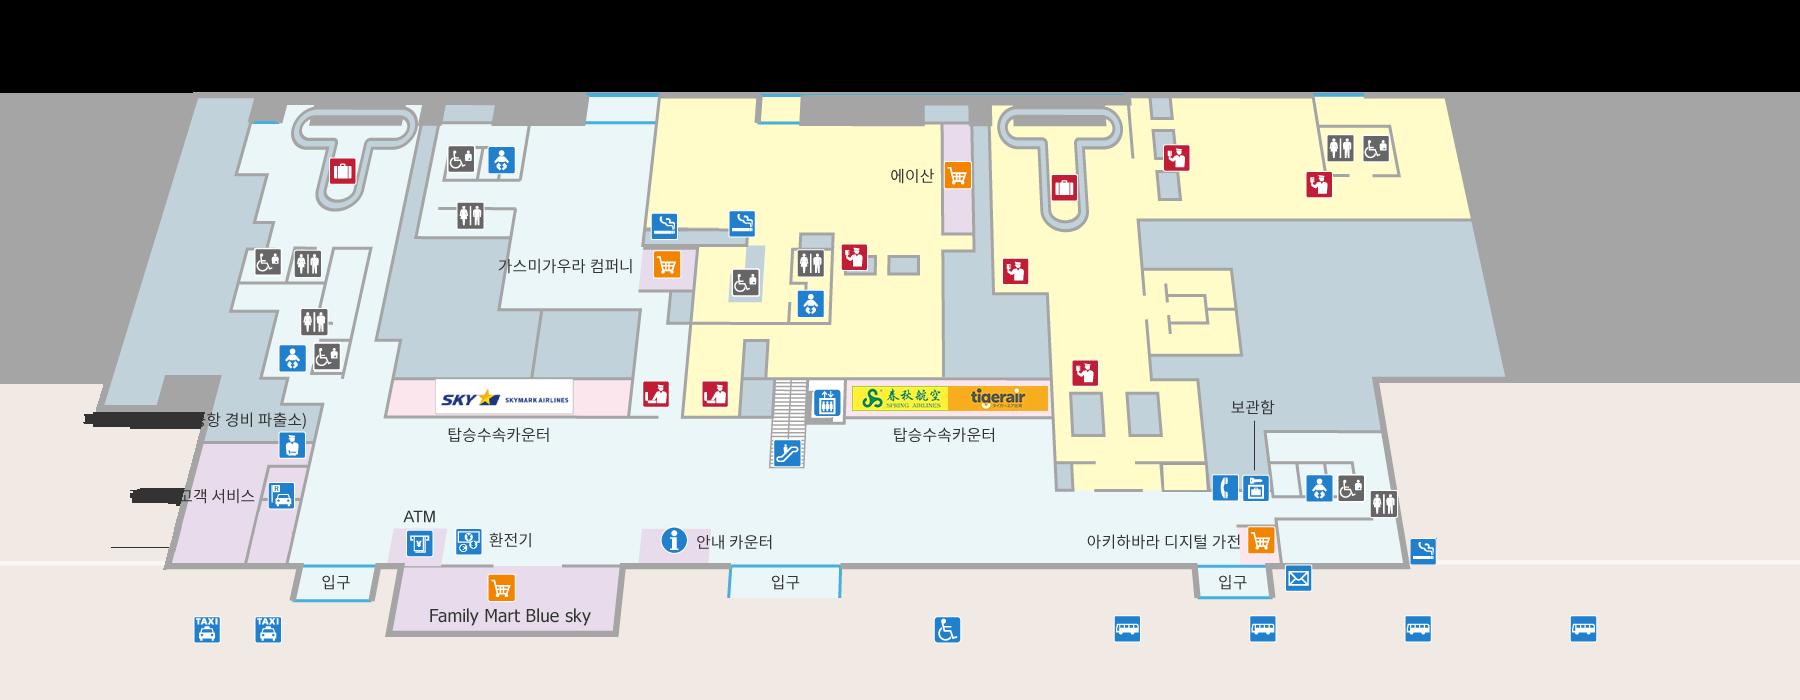 ターミナルビル1F(韓国語)